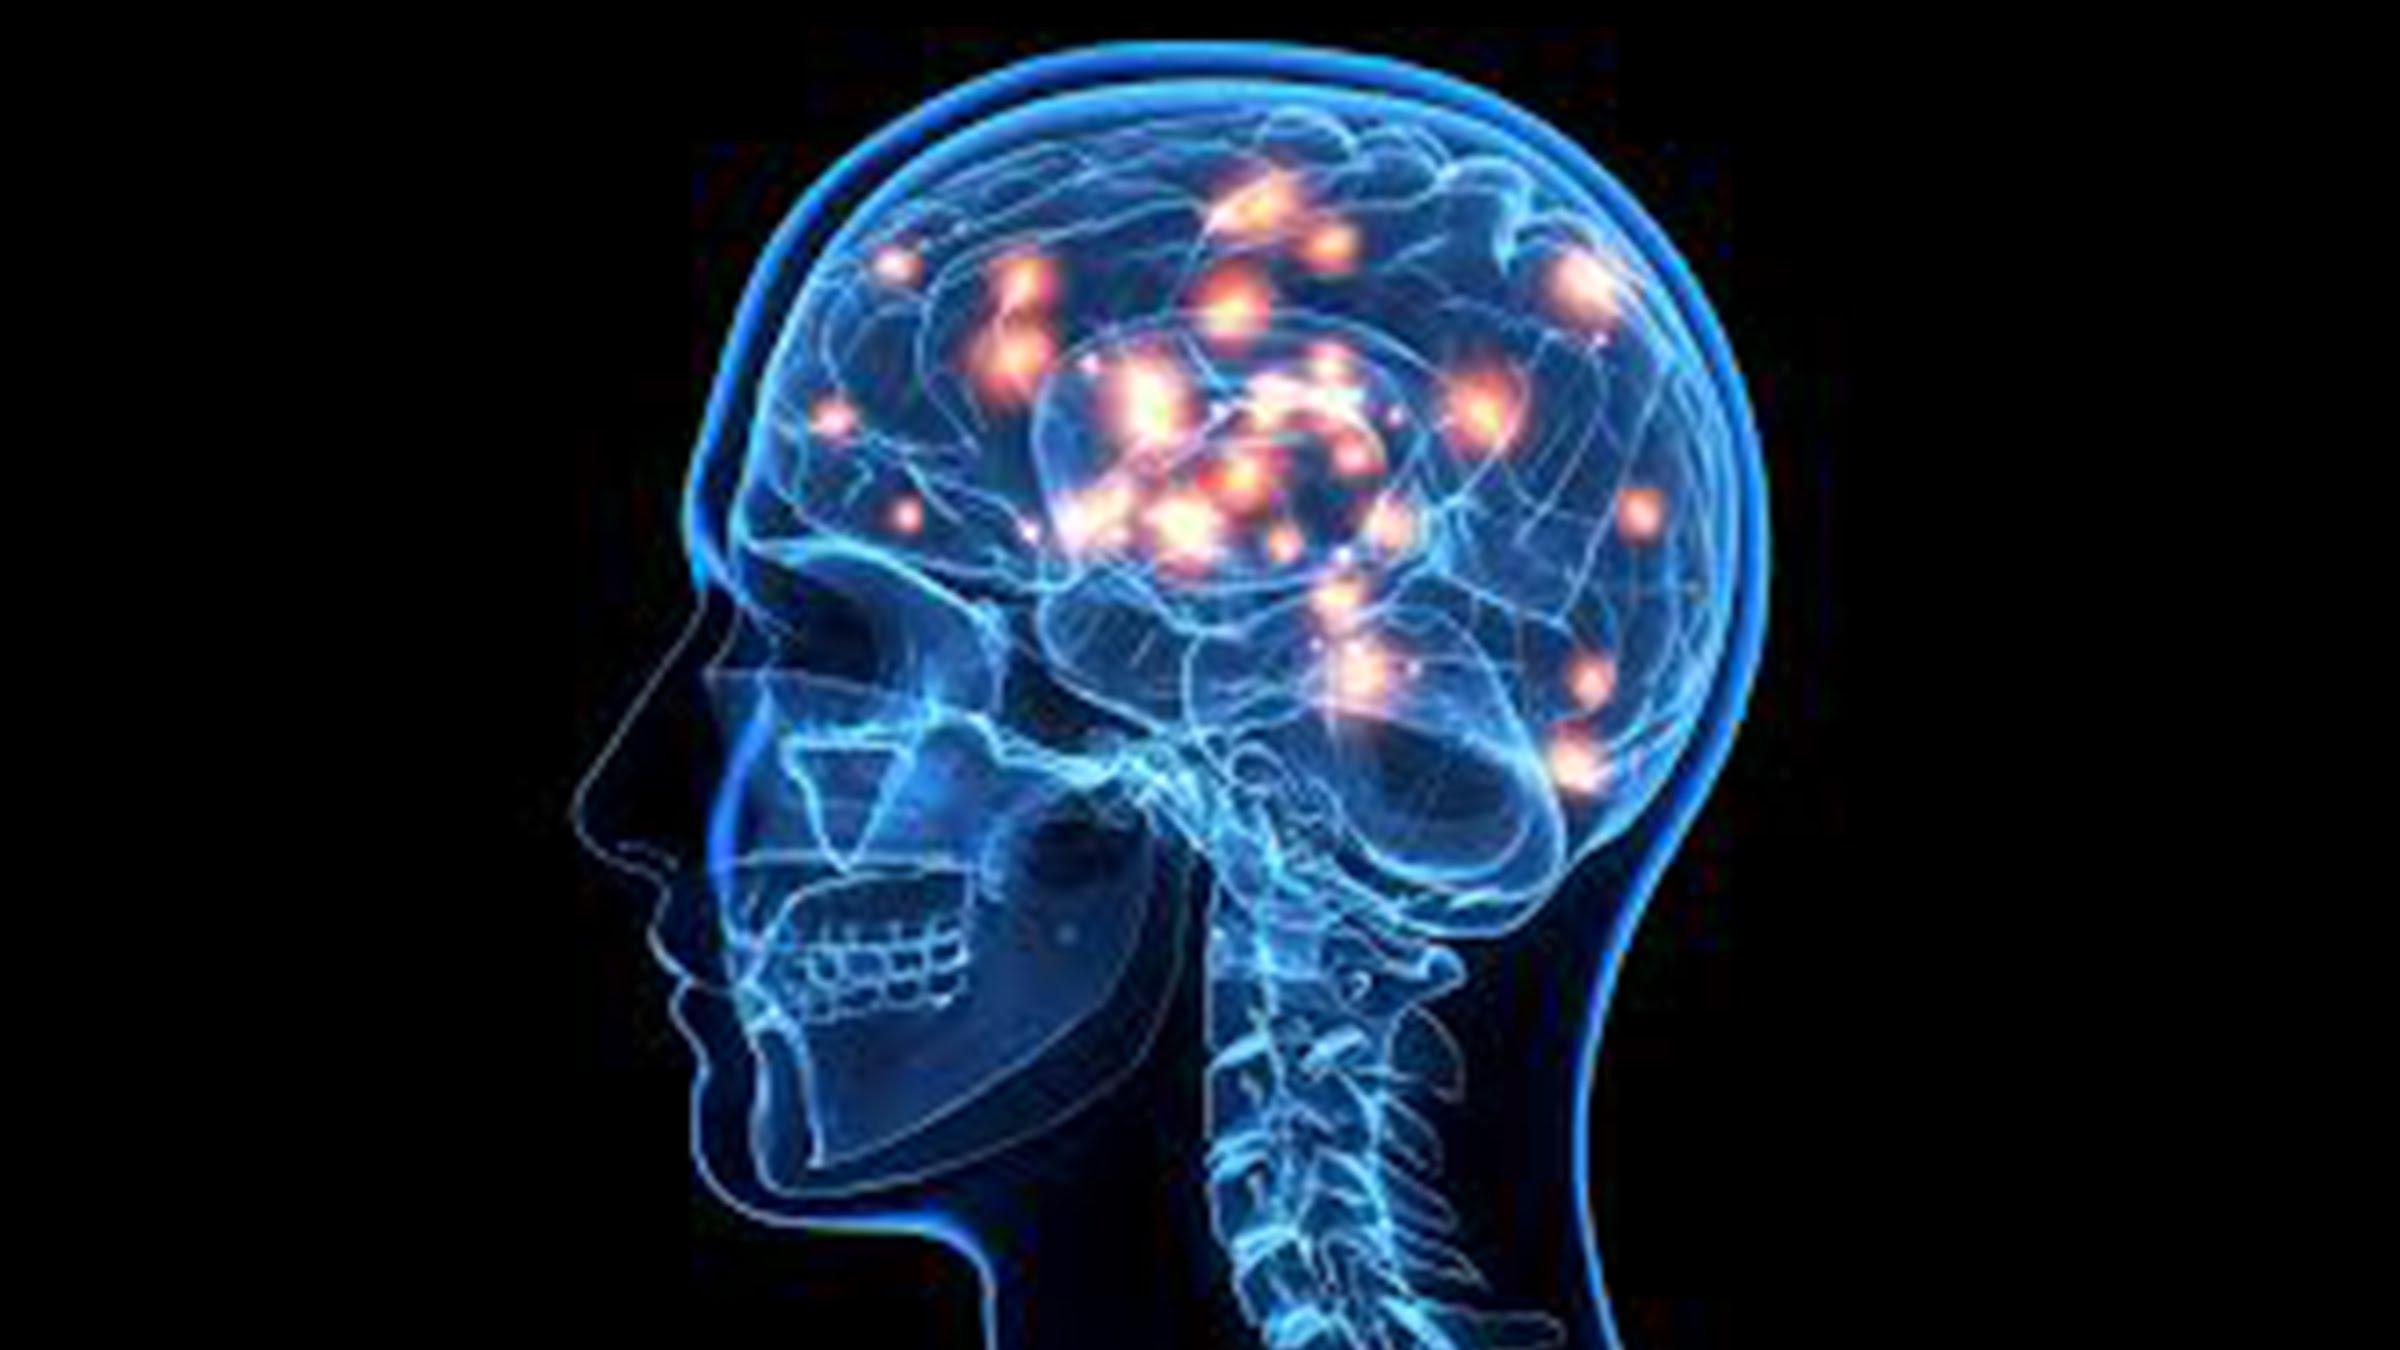 مجله خبری ایشومر IMG_2574 در آينده عفريت مرگ ديرتر به سراغ بشر مي آيد. سبک زندگي سلامت و پزشکی  مهندسي مغزي مرگ مجله كبد قلب عفريت عضو ضربه سلولهاي سلول ساخت ديرتر دكتر خبري پزشكي بنيادي بشر ايشومر اهدا آينده آزمايشگاه